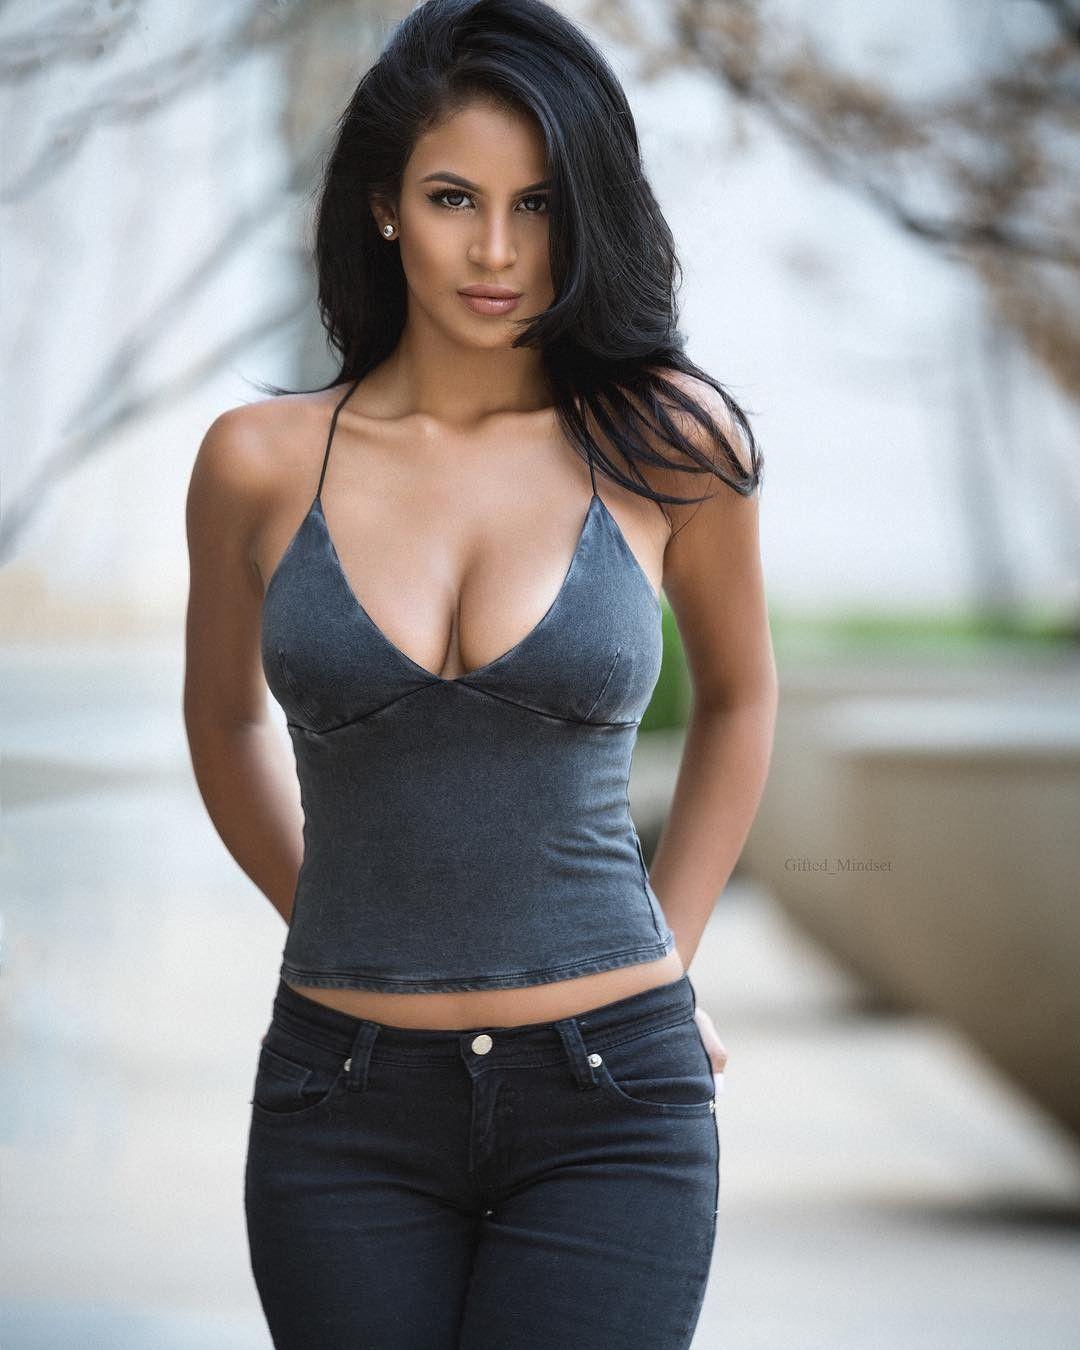 Hot Brunet Women